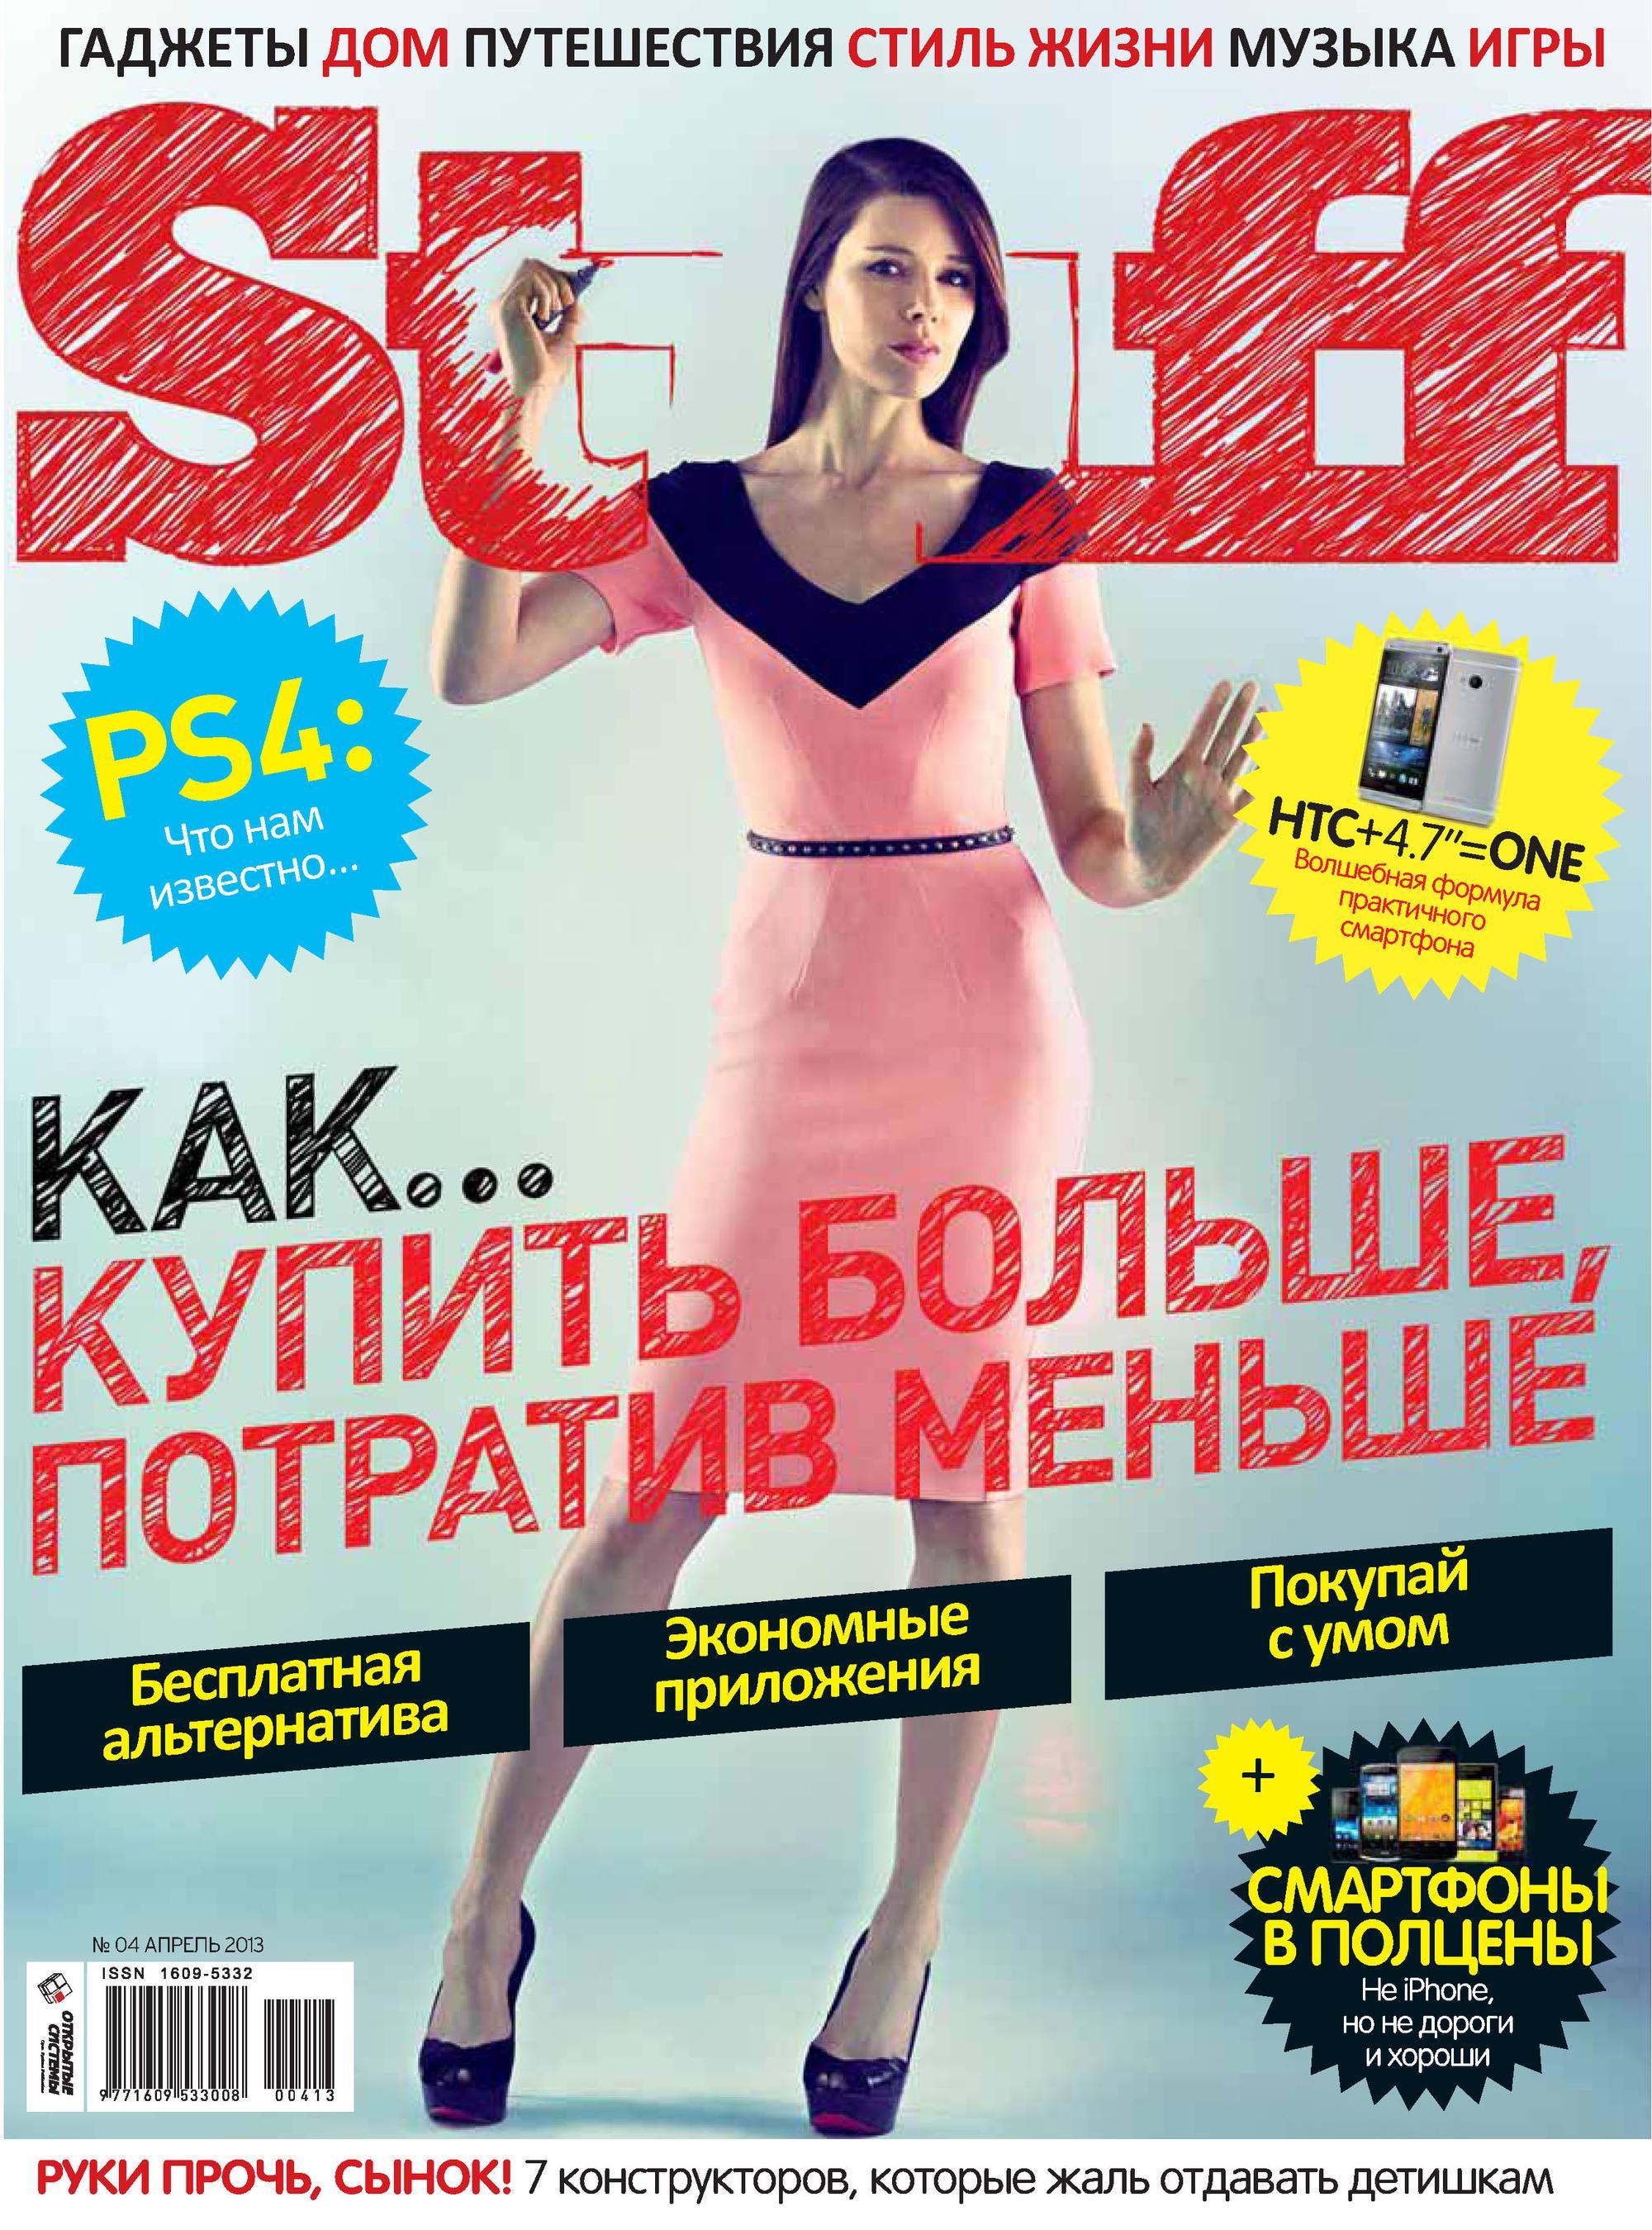 Открытые системы Журнал Stuff №04/2013